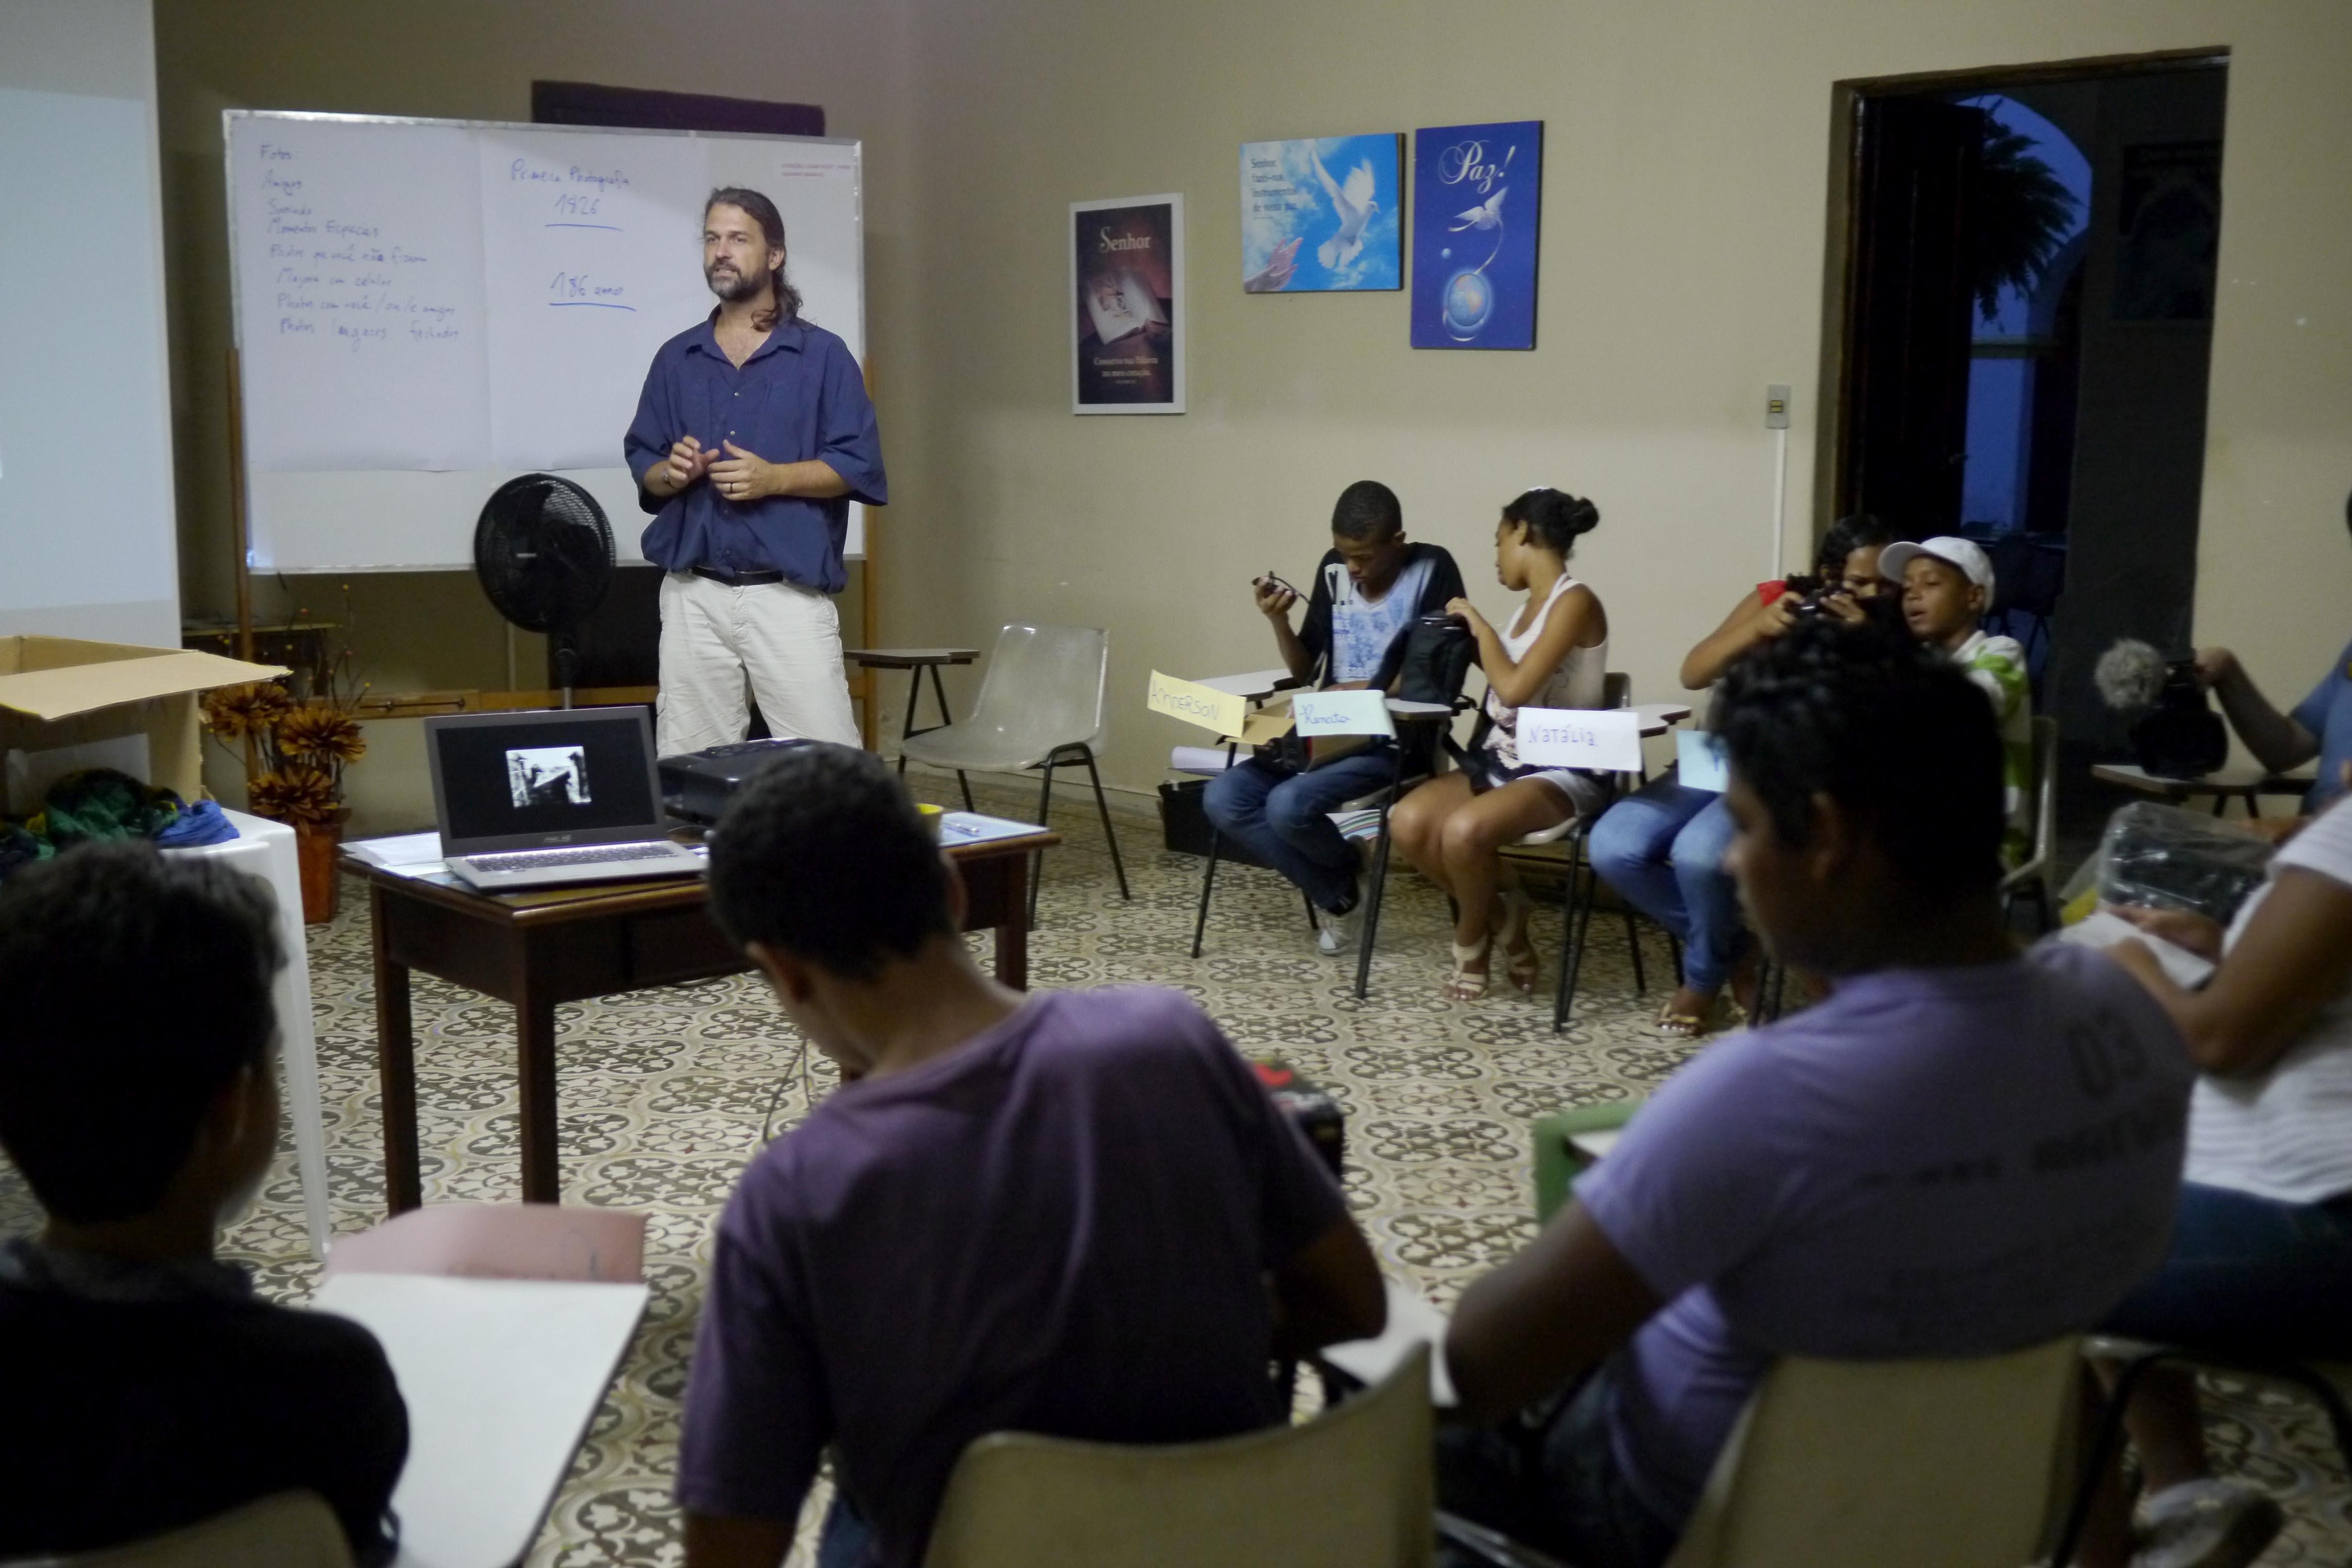 Joa Merklein von Caritas Brasilien leitet die Organisation des Prjektes vor Ort. Foto Marco Keller